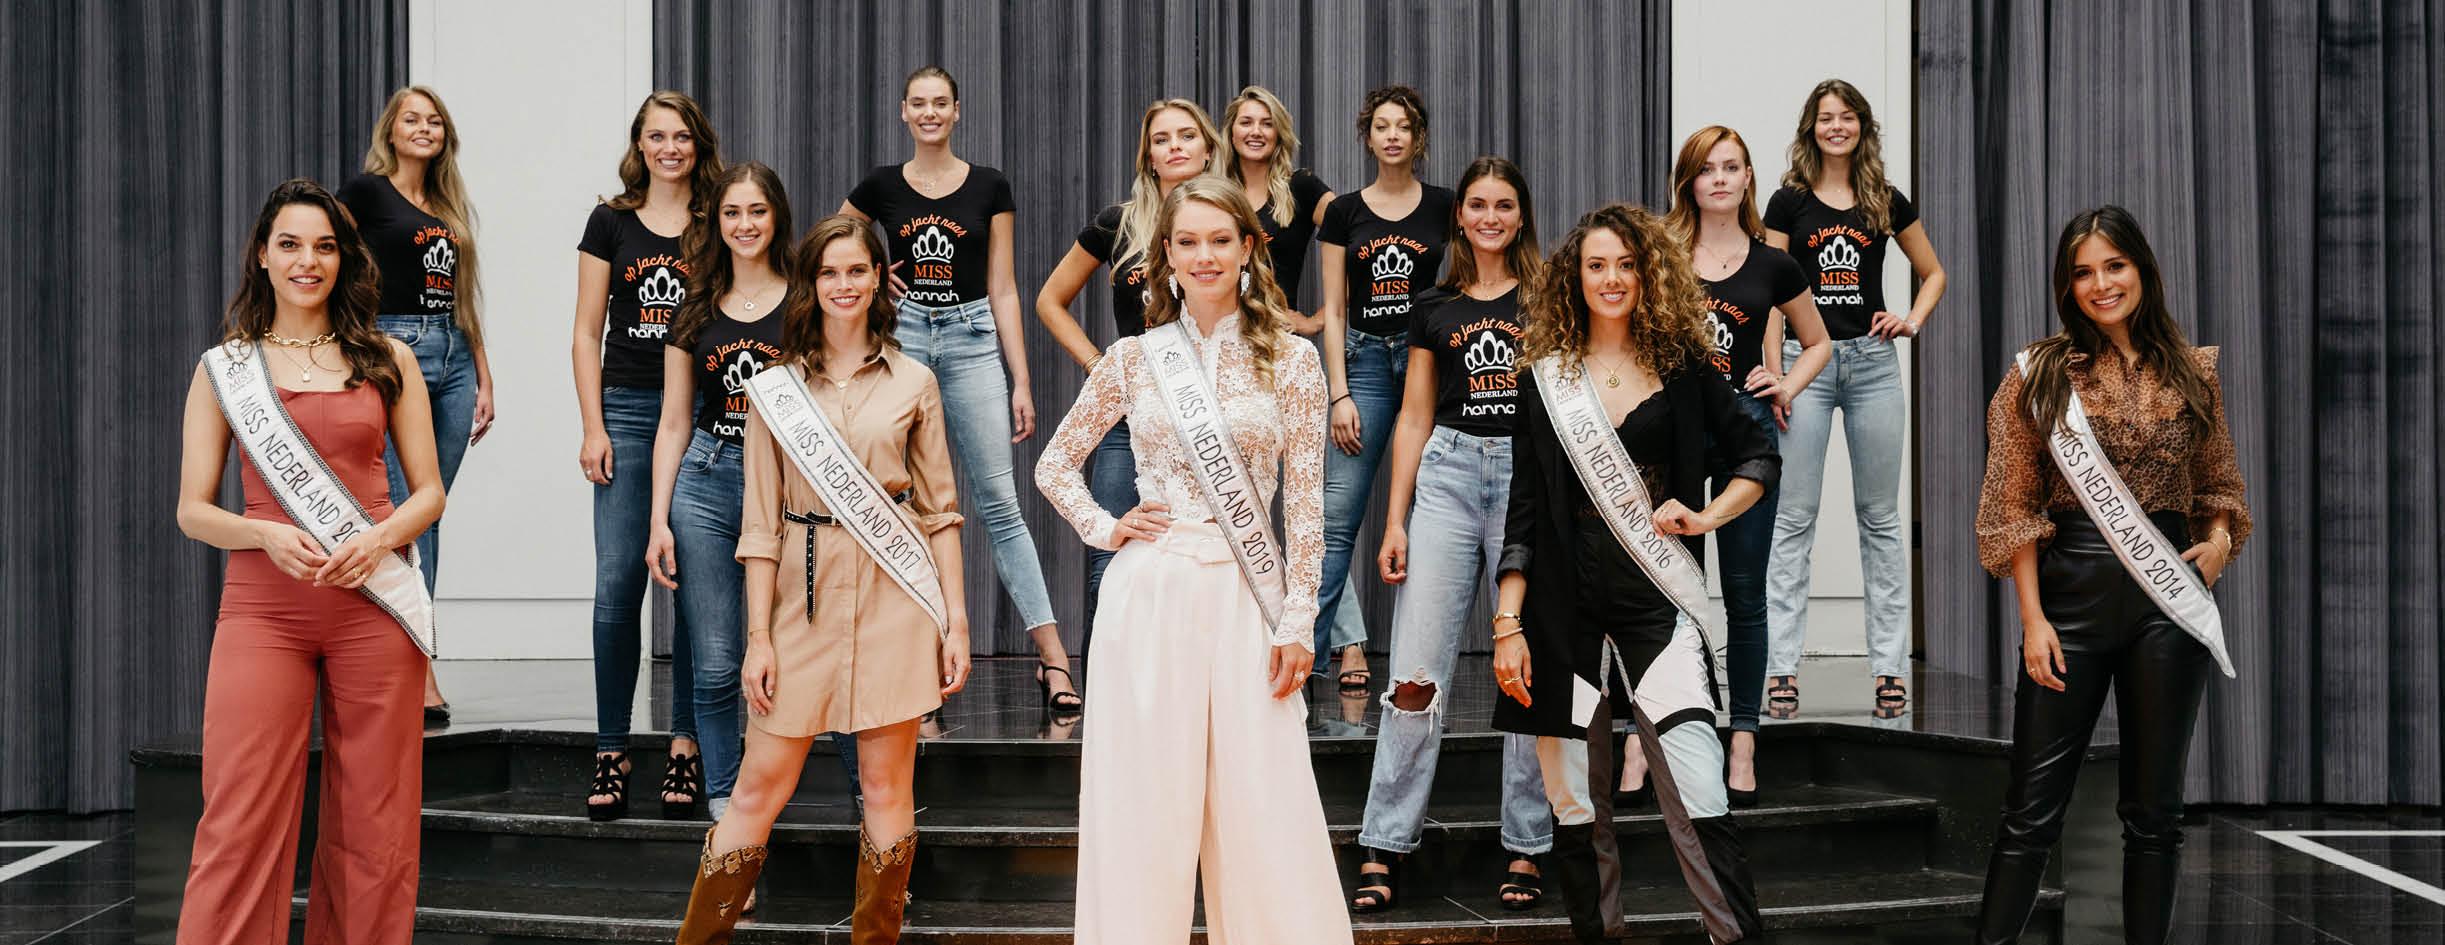 Finalisten Miss Nederland 2020 zijn bekend!